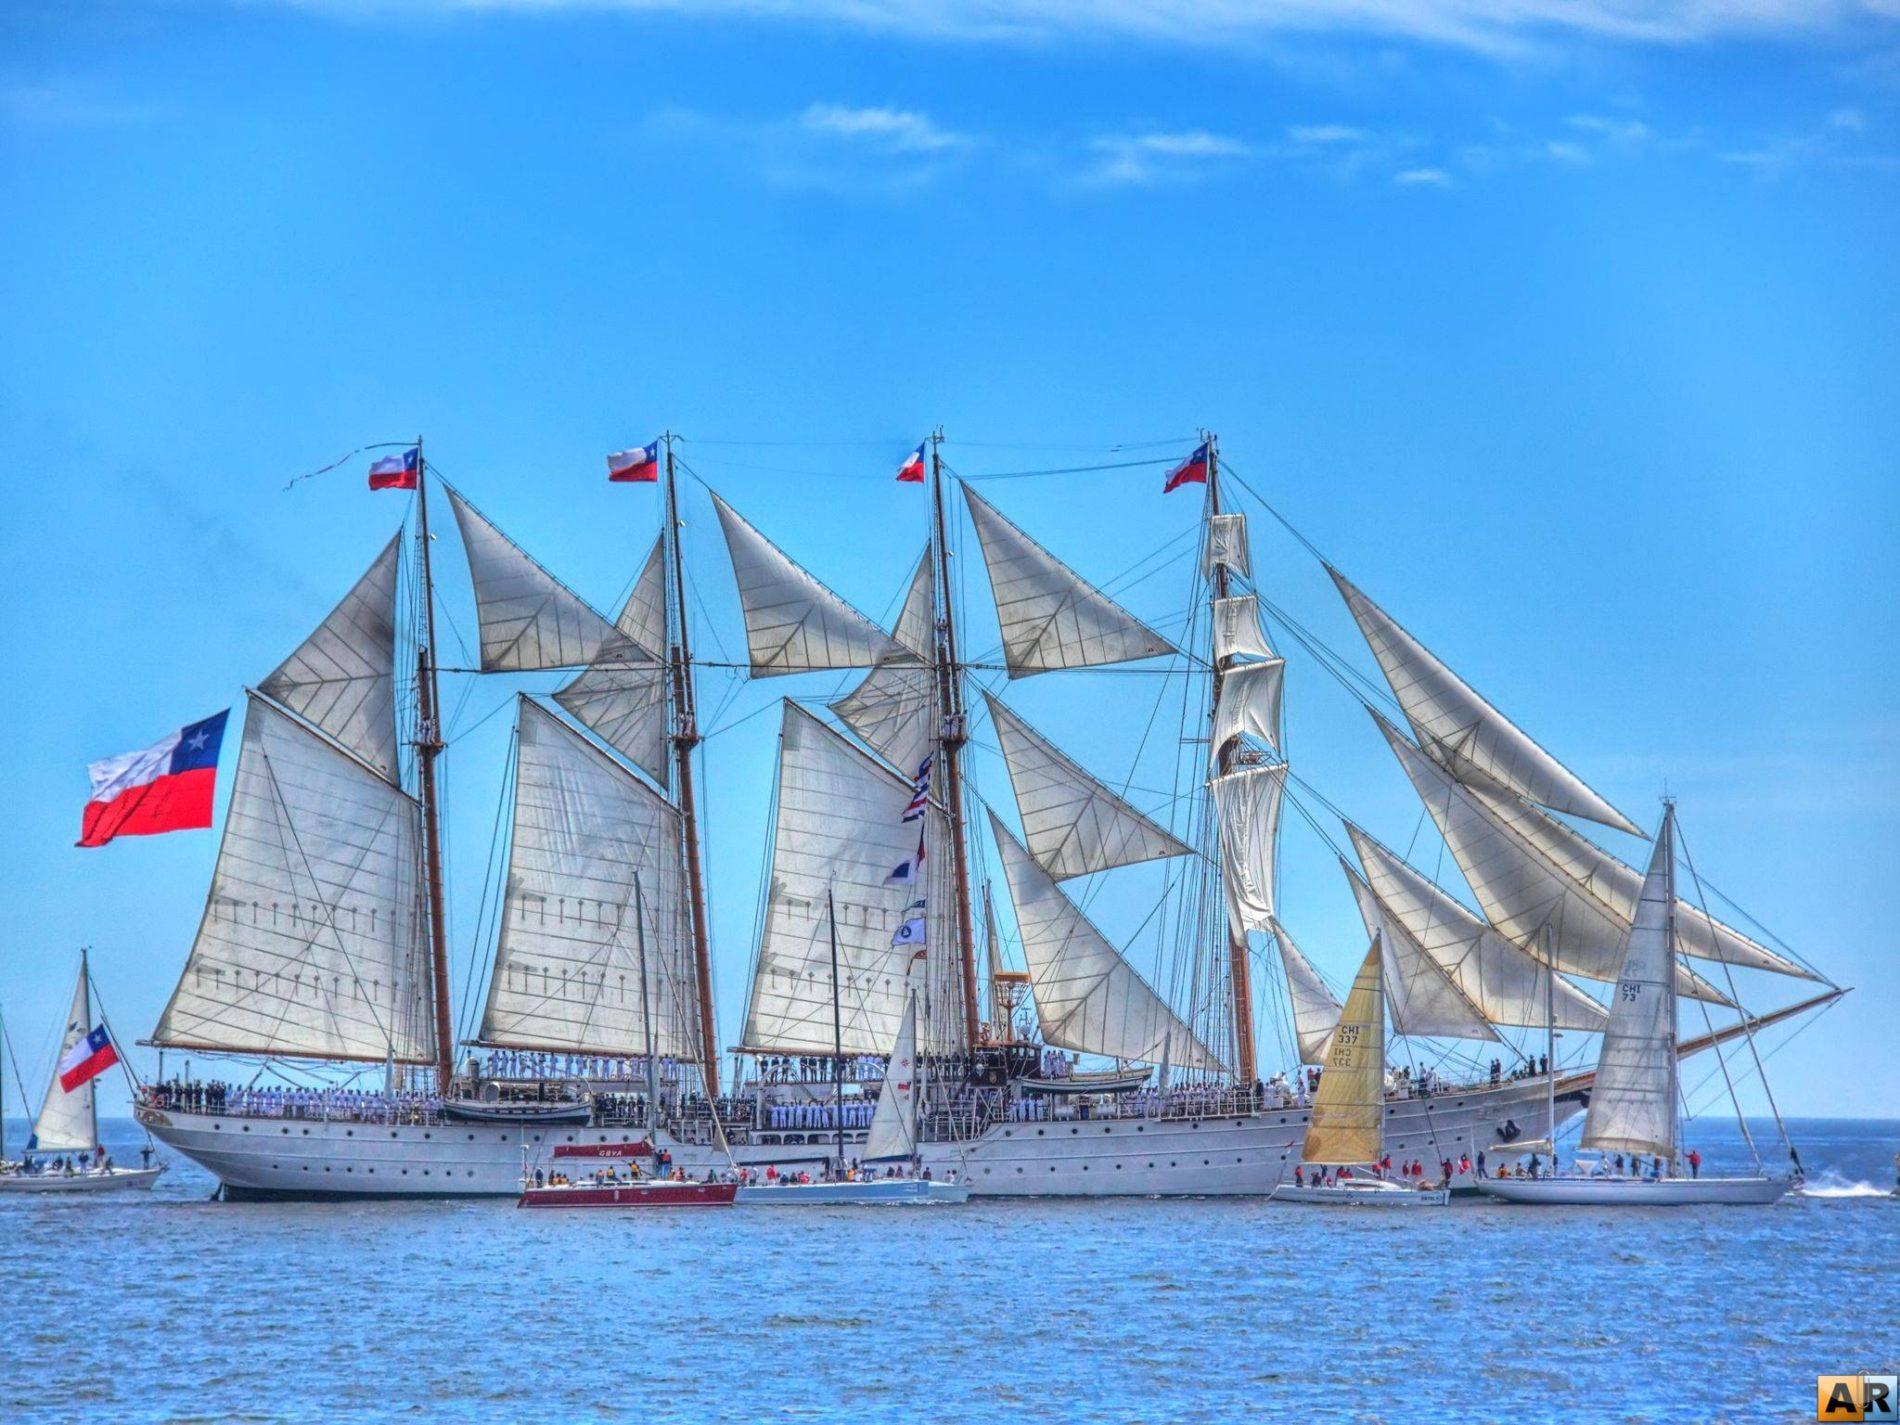 Tall Ship Esmeralda omringt door kleine zeilboten in de oceaan